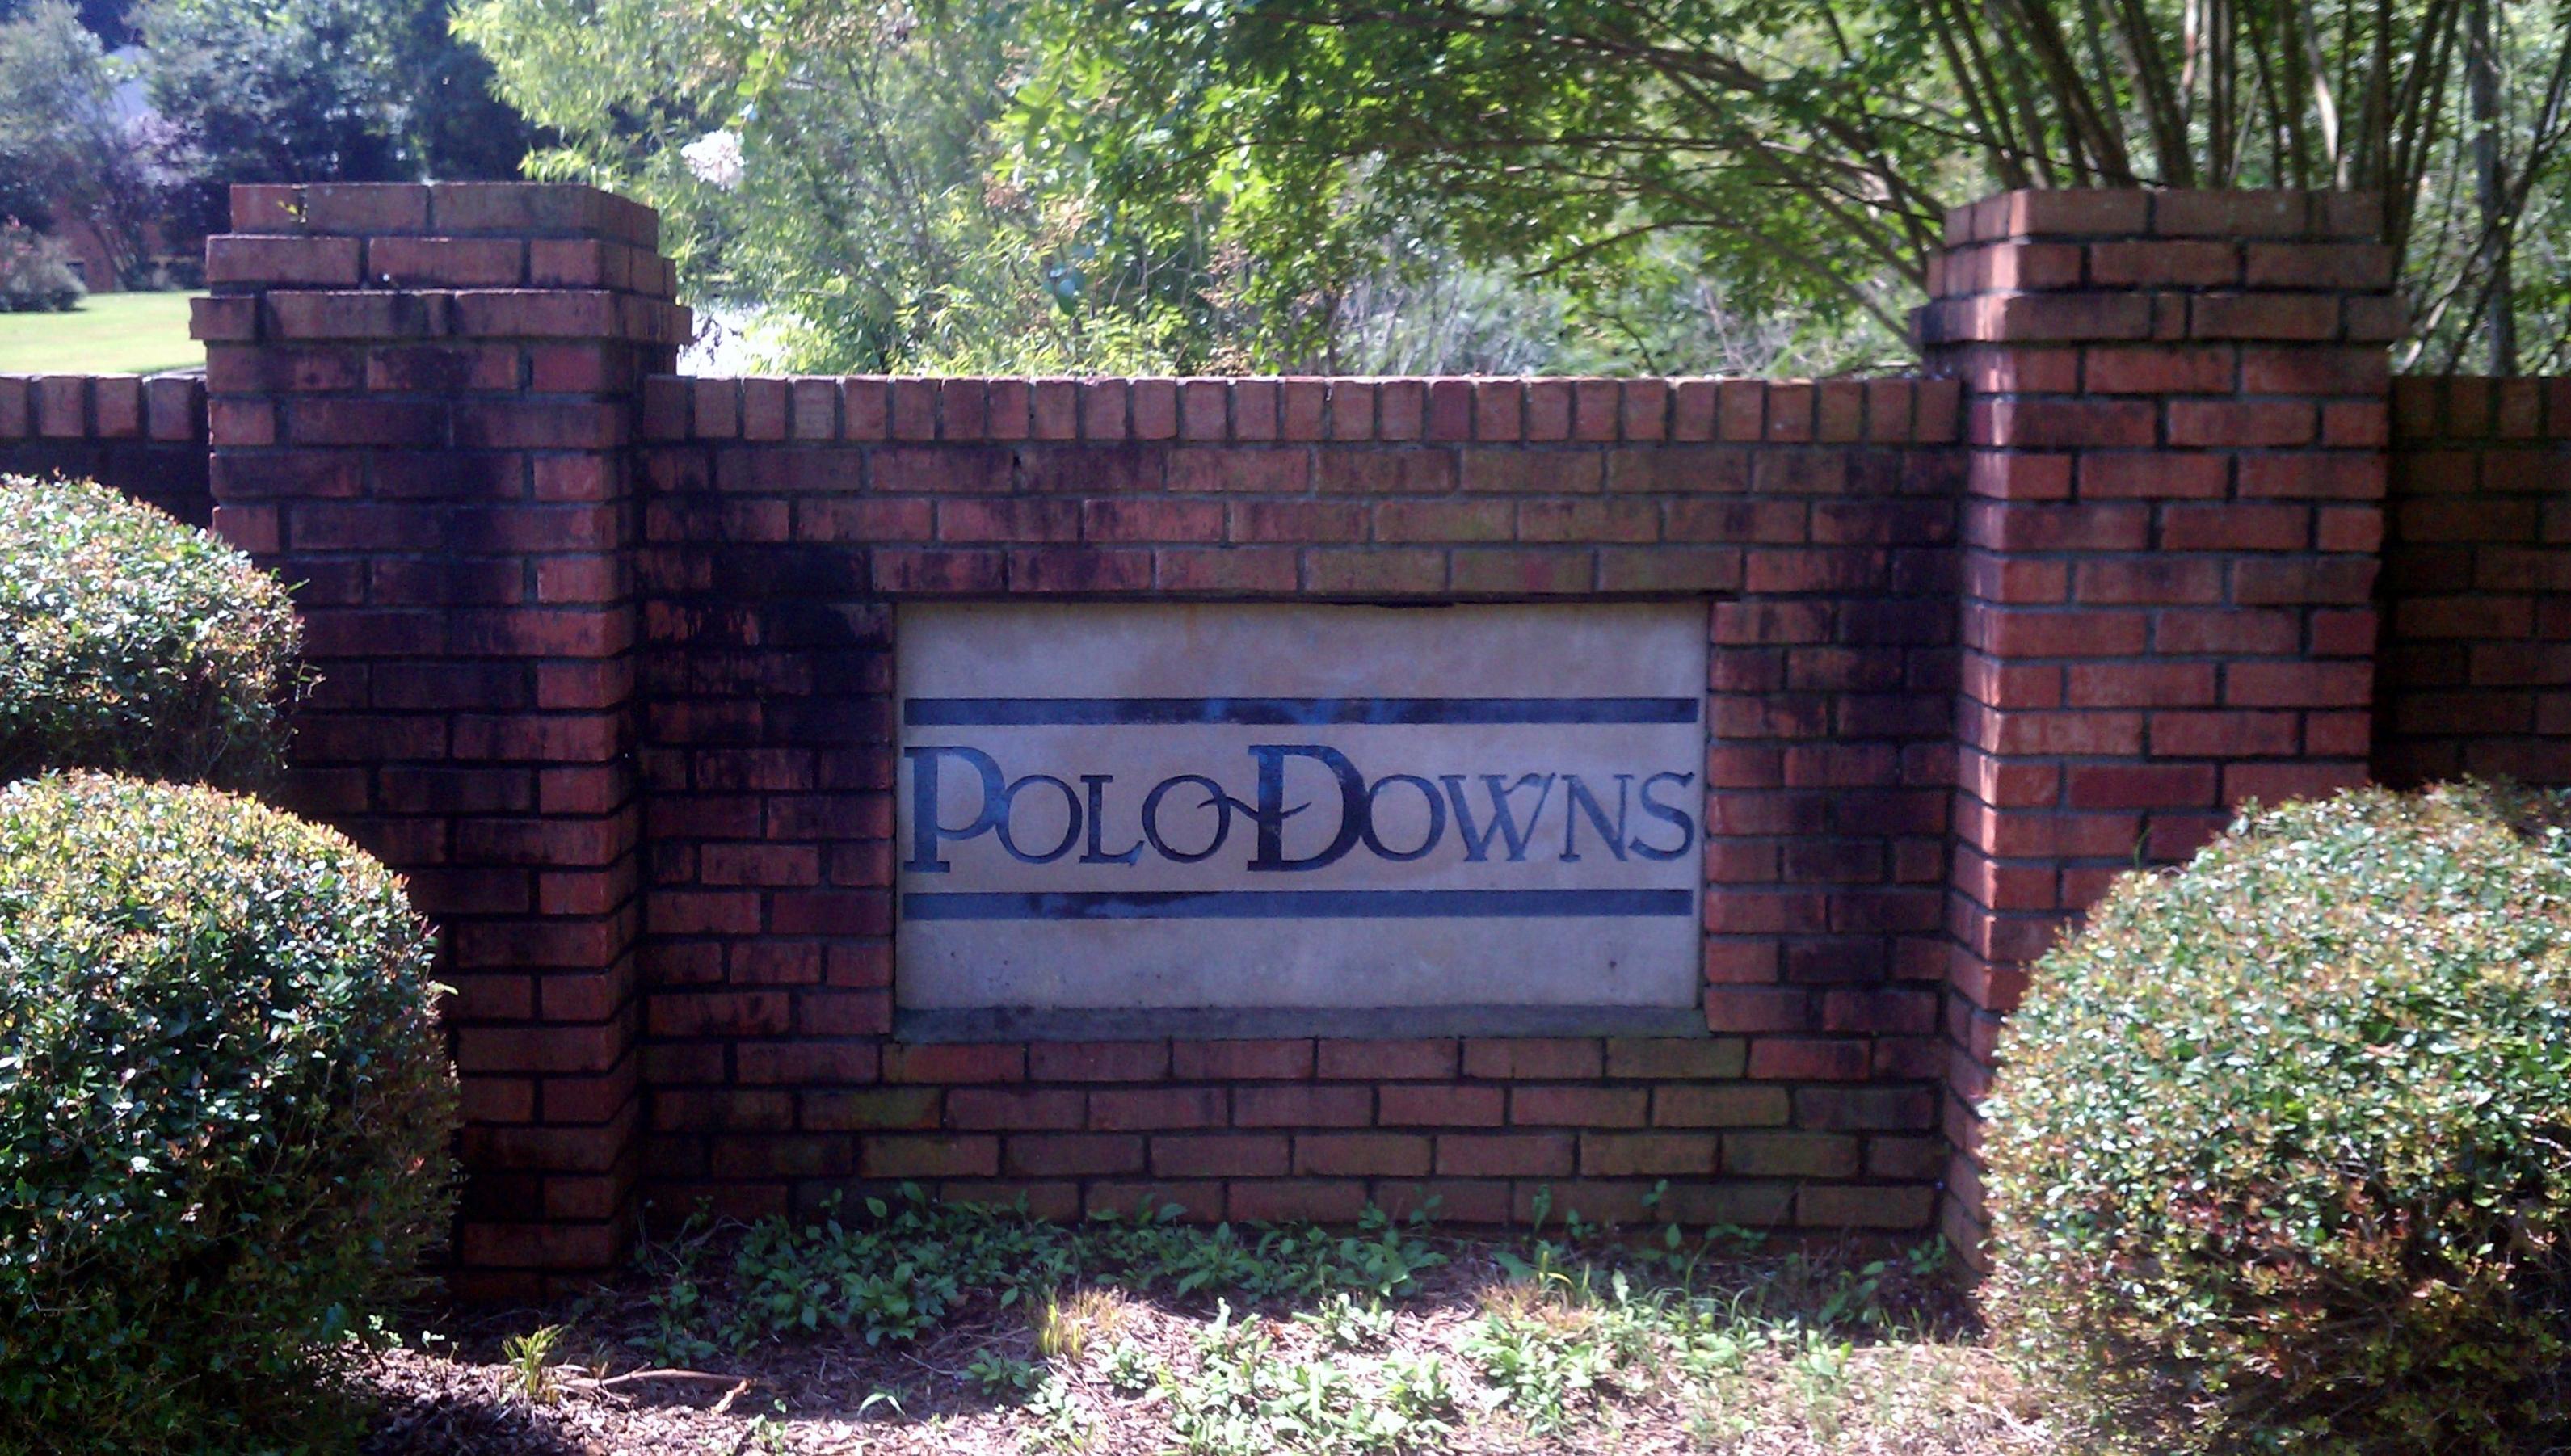 Polo Downs